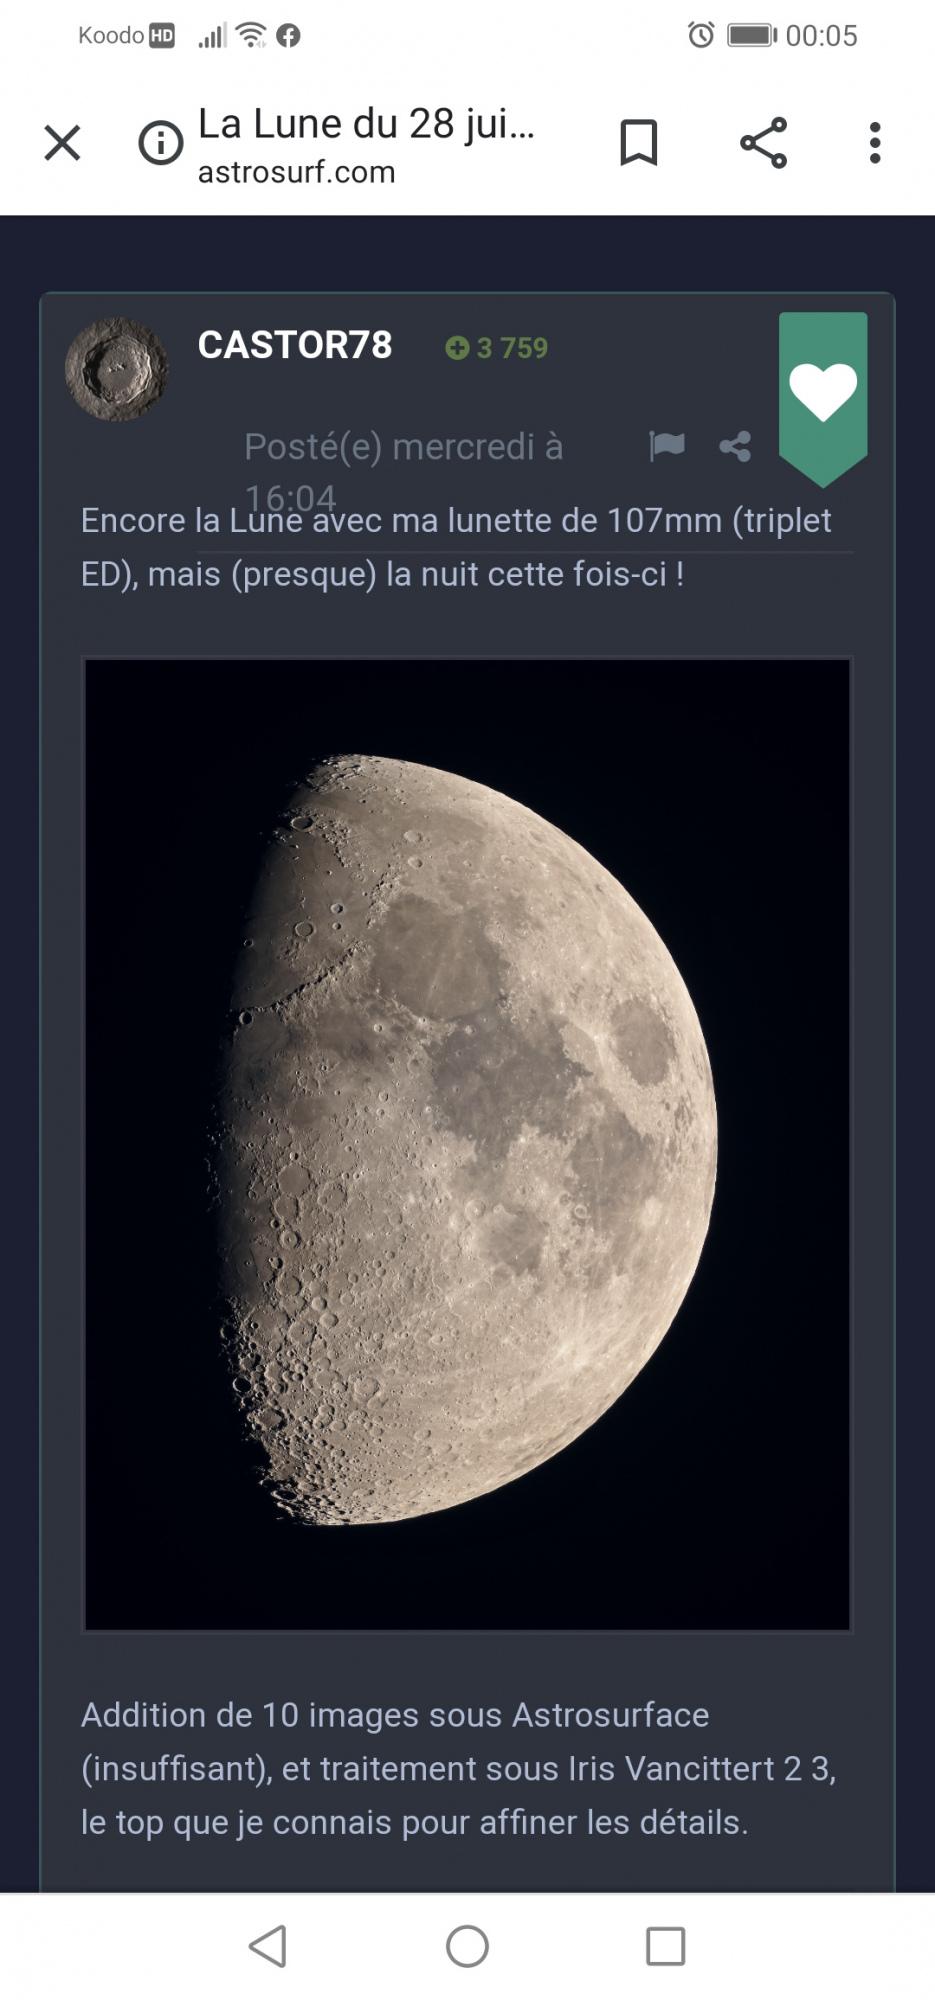 Screenshot_20200801_000520_com.android.chrome.thumb.jpg.11ad32d473e9377a9c024db2df55030a.jpg